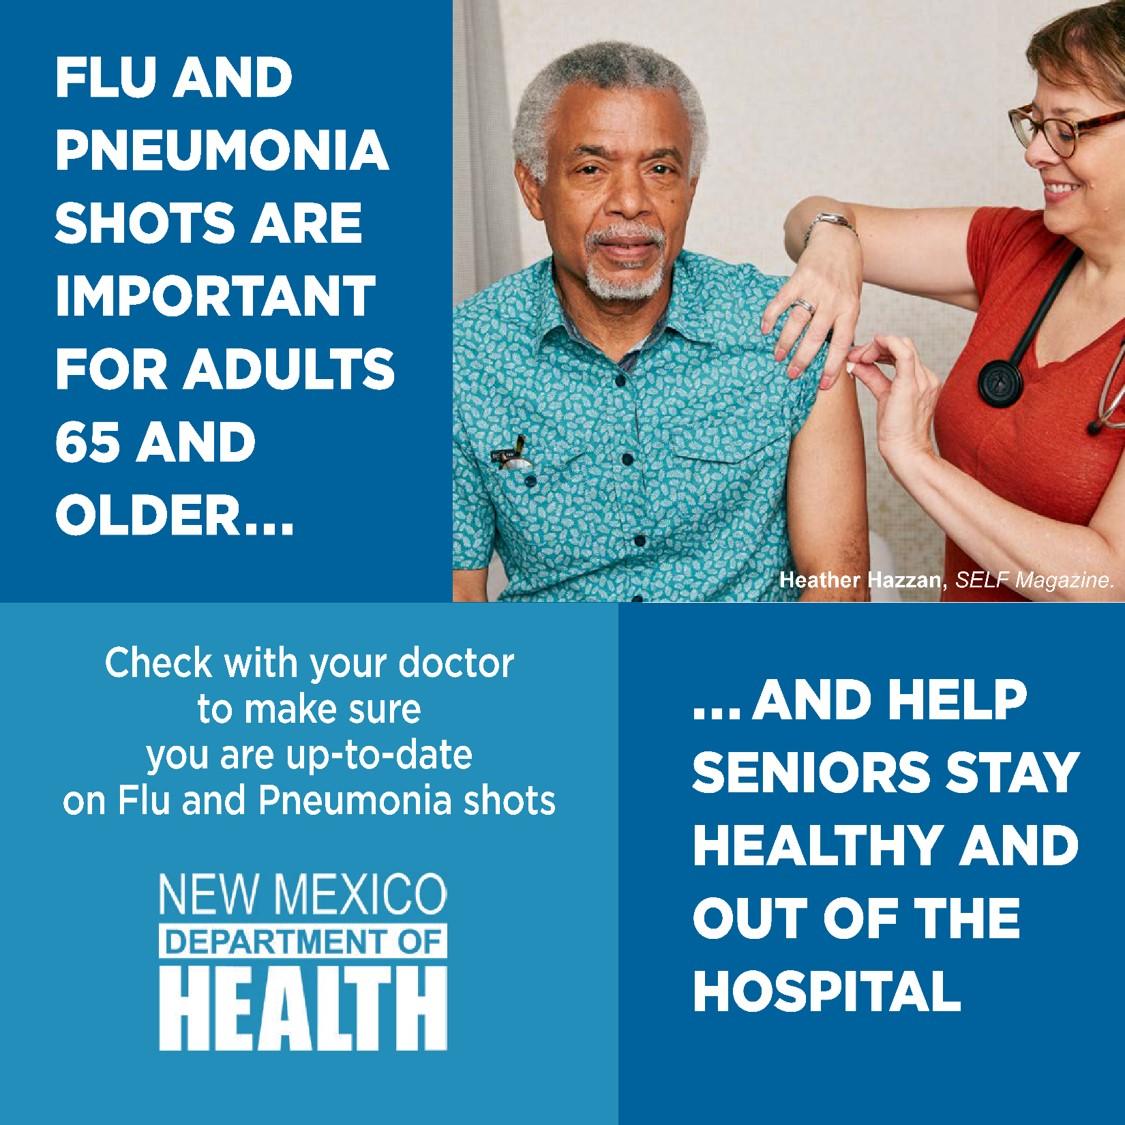 Las personas mayores necesitan gripe y neumonía